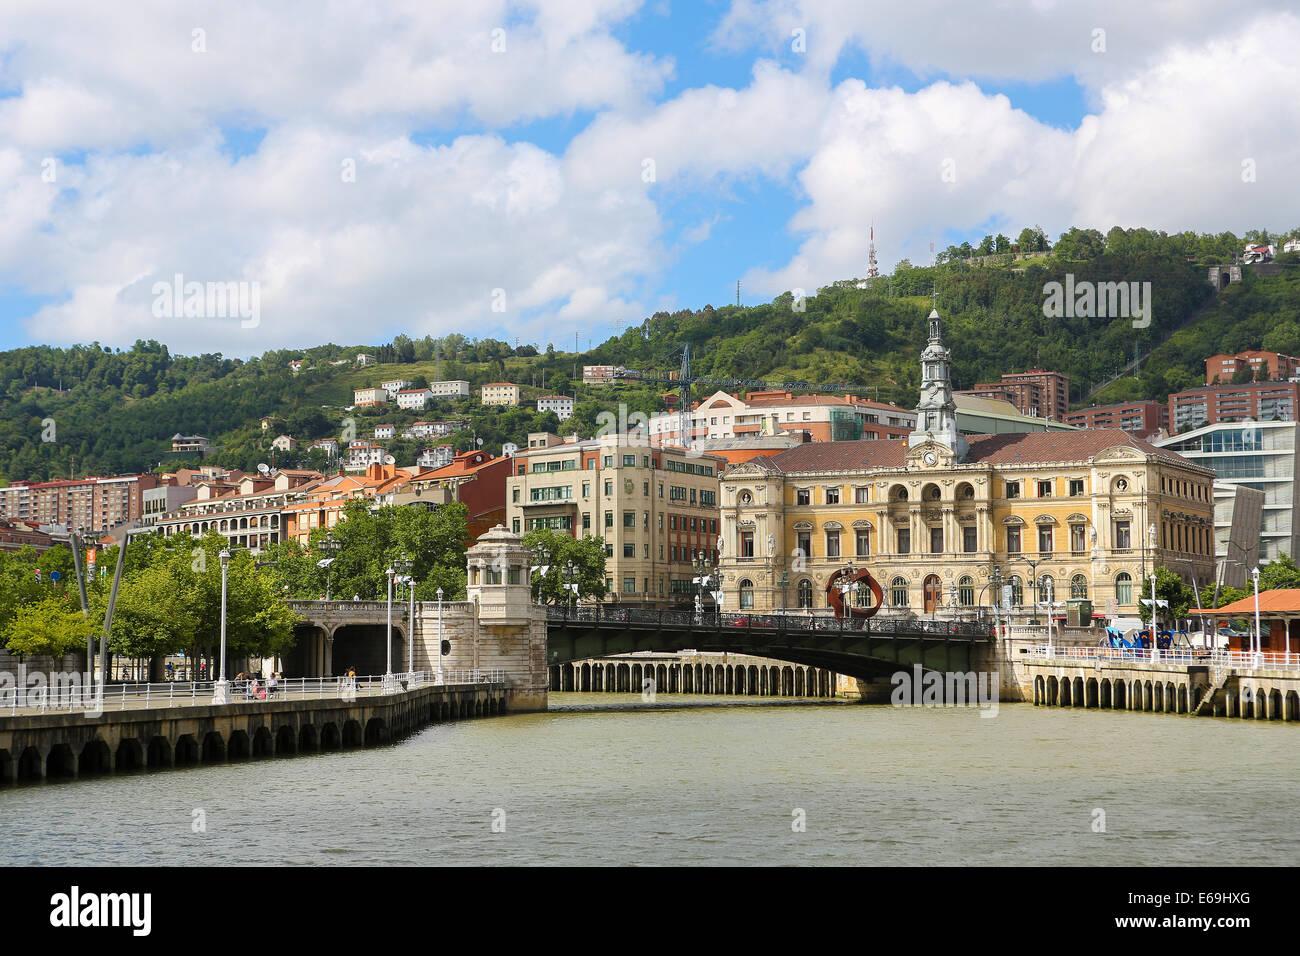 BILBAO, ESPAGNE - 10 juillet 2014: vue sur le centre de Bilbao, Pays Basque, Espagne. Banque D'Images